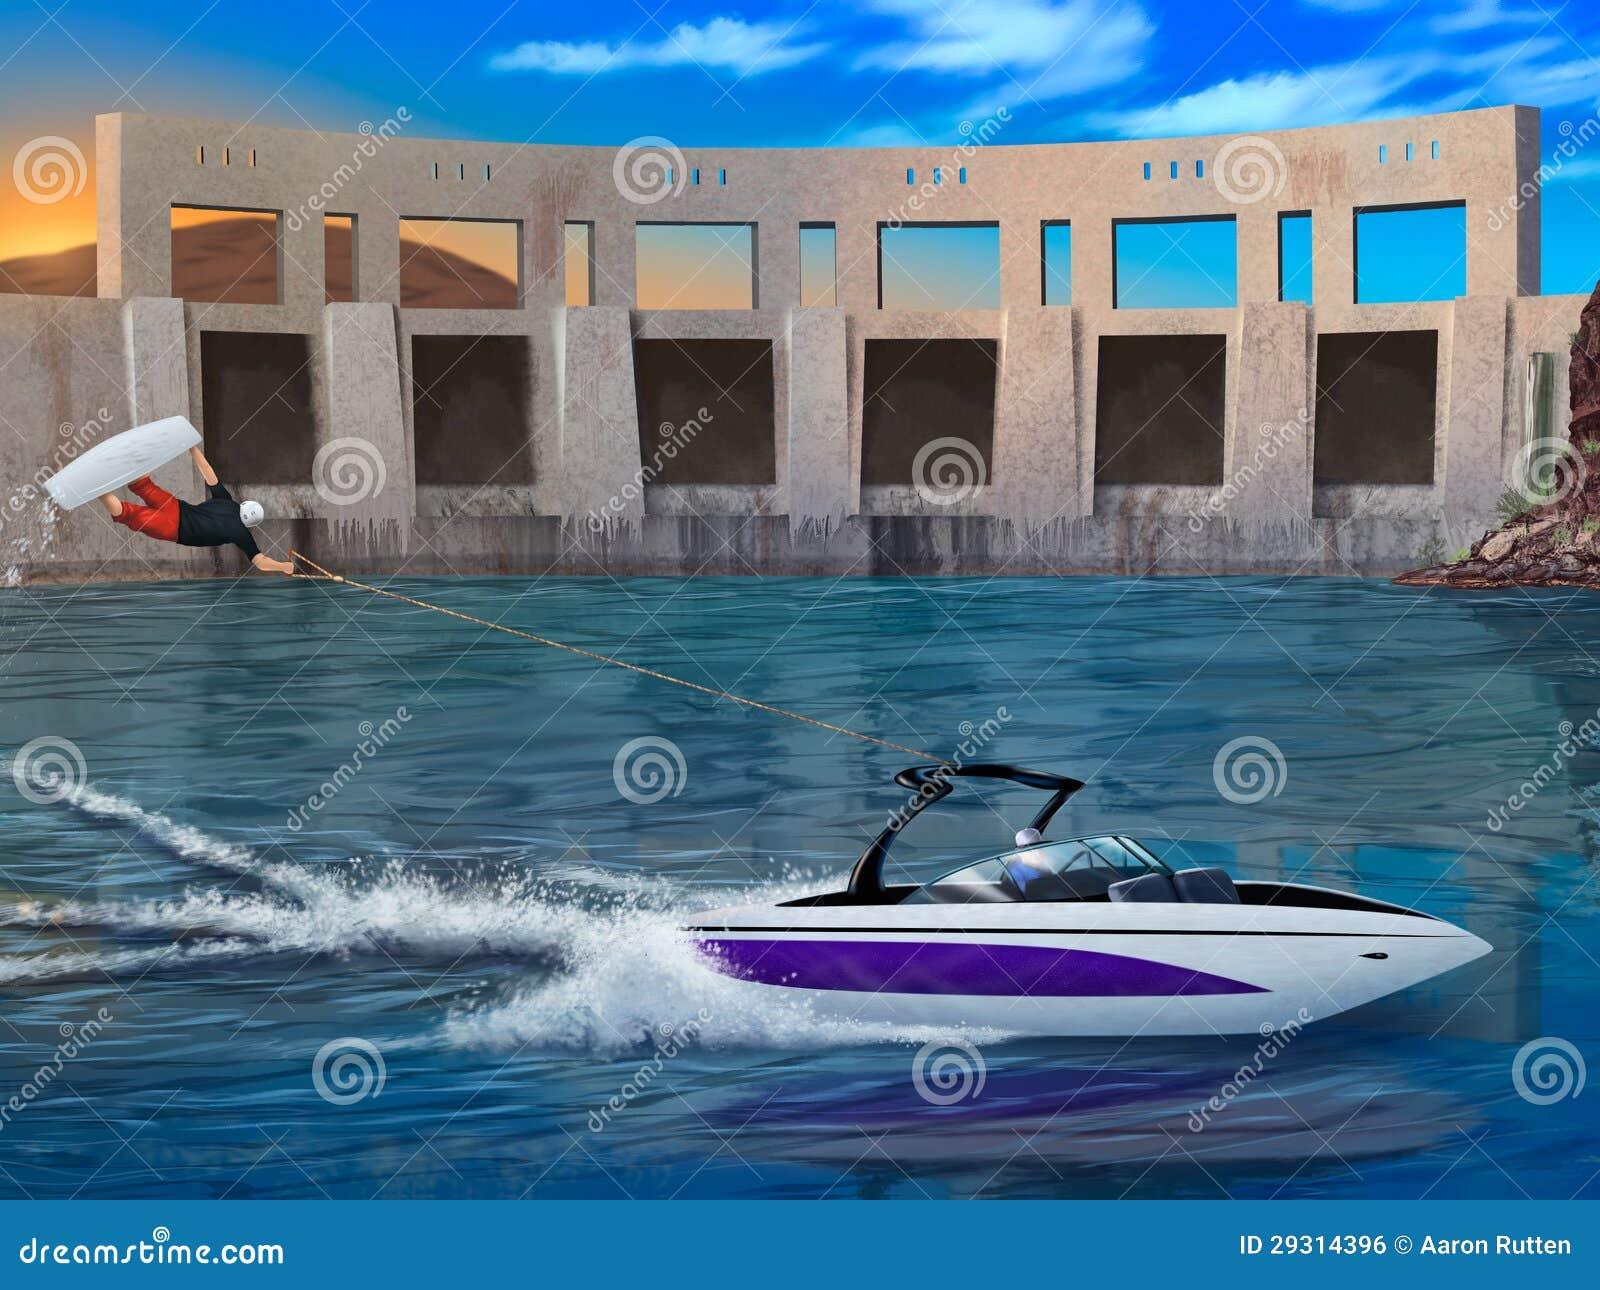 Krańcowy Wakeboarder i łódź motorowa - cyfrowa grafika